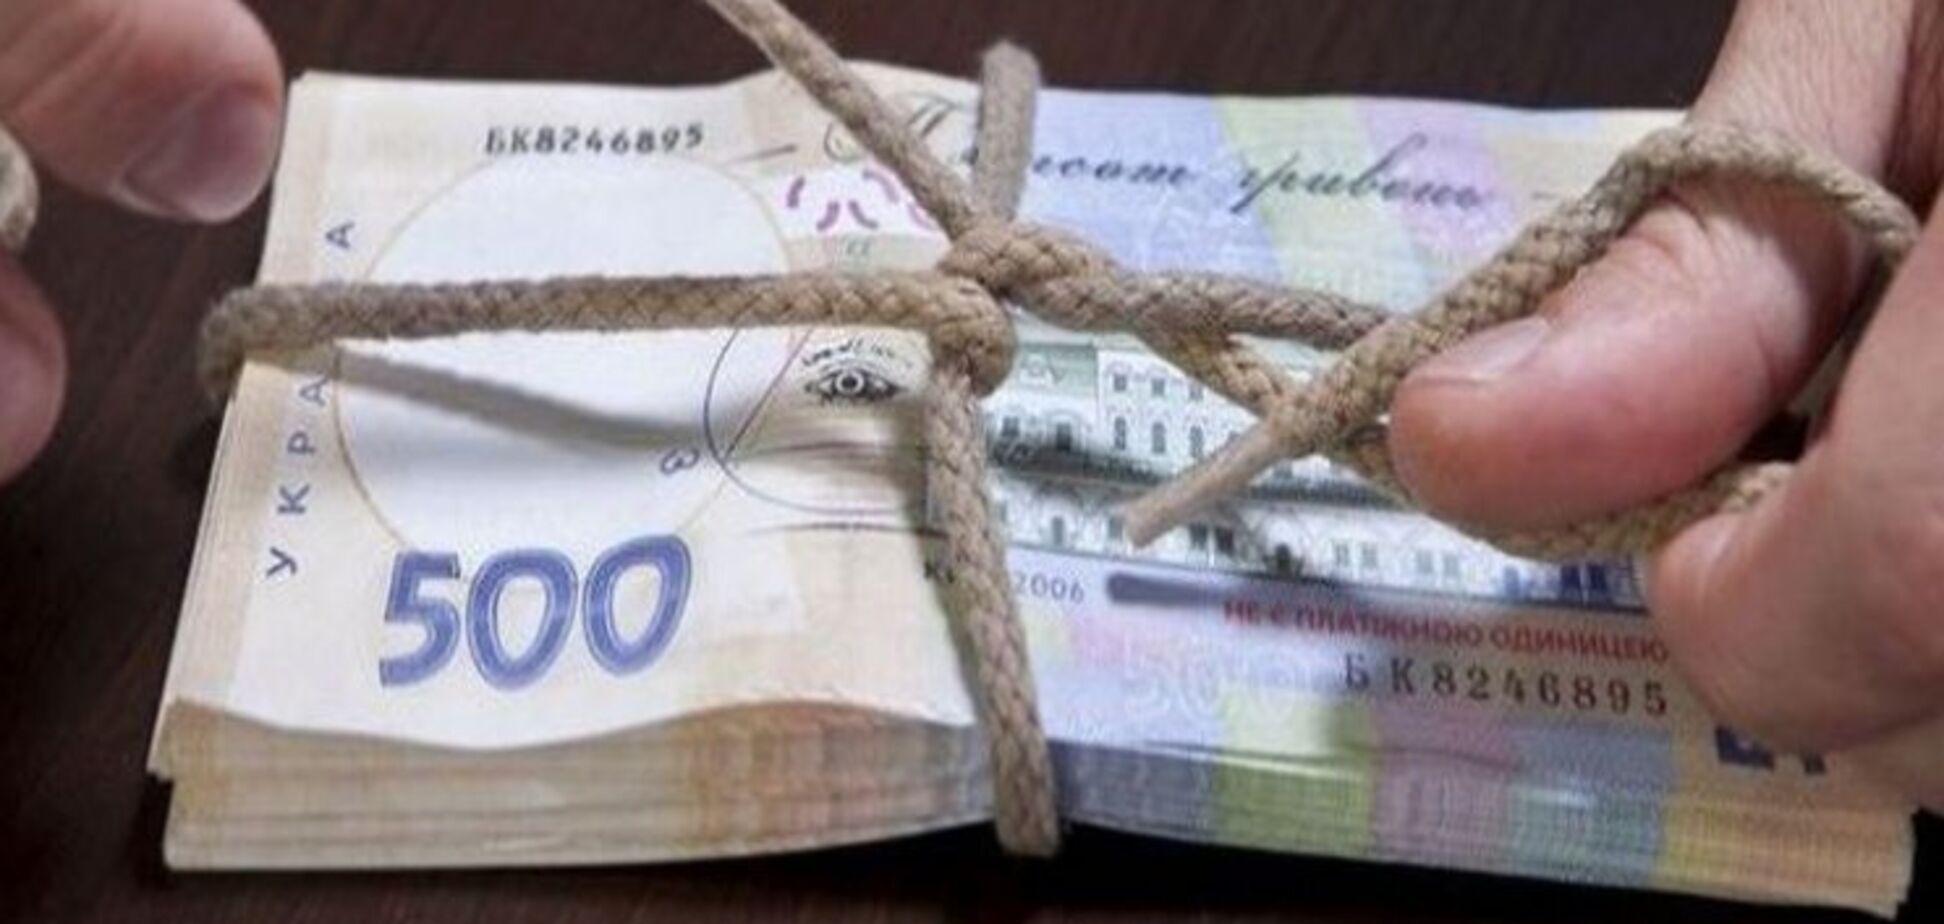 Руководство психиатрической клиники в Днепре присвоило пенсии пациентов на миллионы гривень